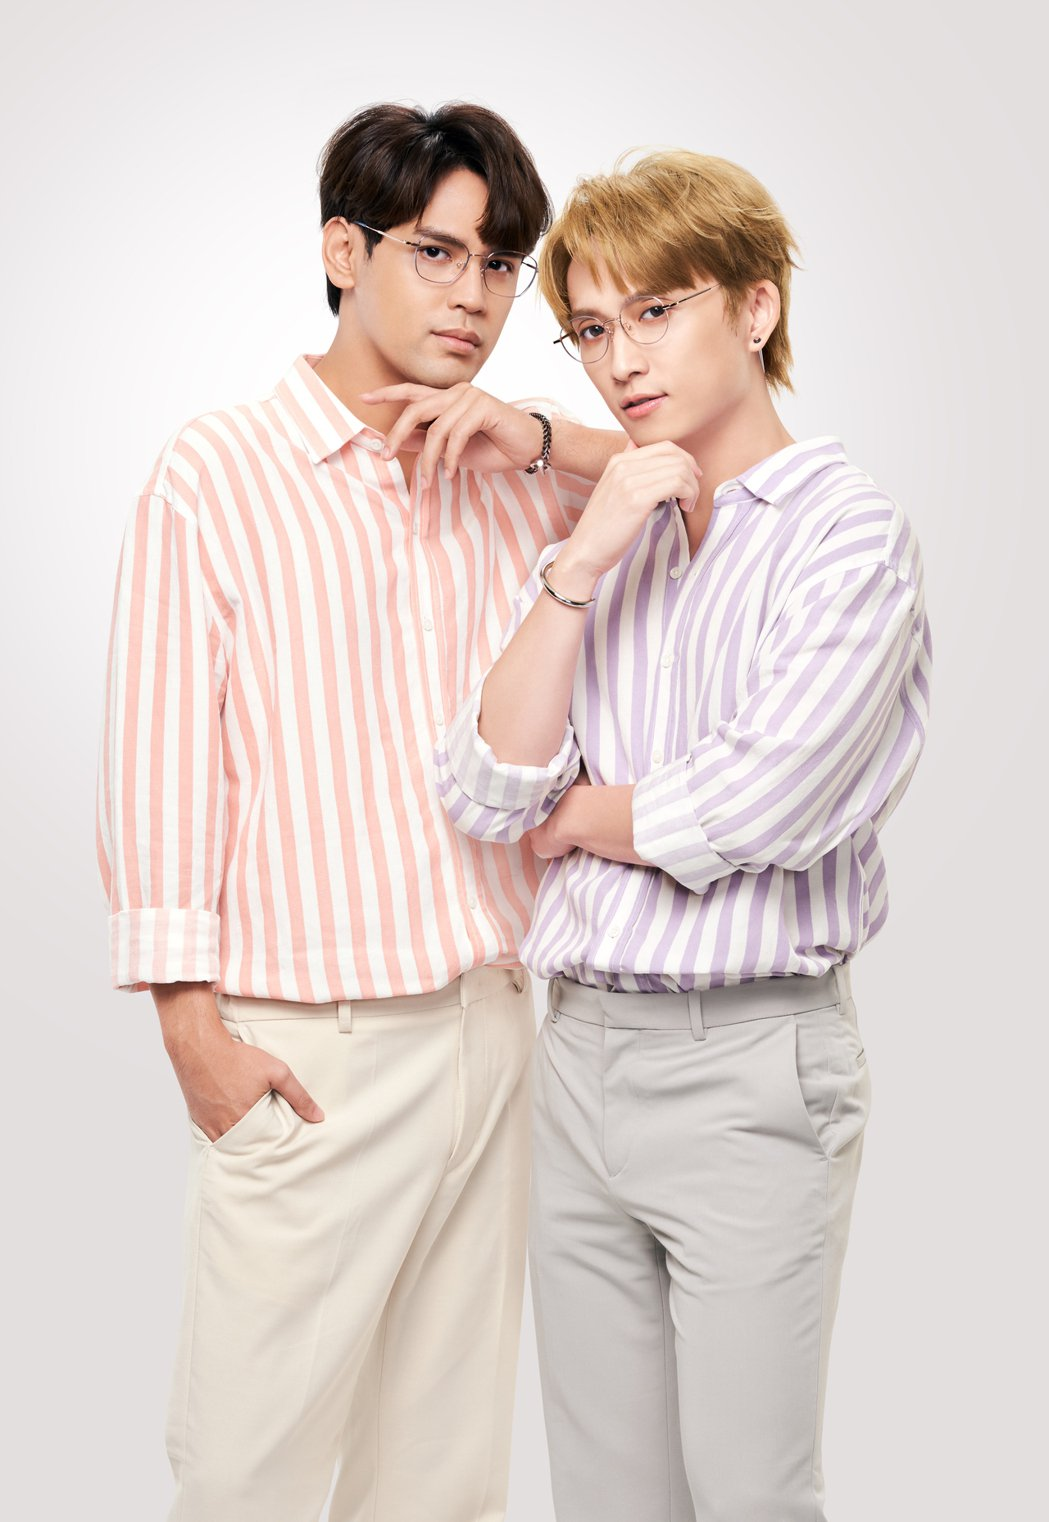 邱鋒澤(右)表示和陳零九工作相當安心。圖/小林眼鏡提供